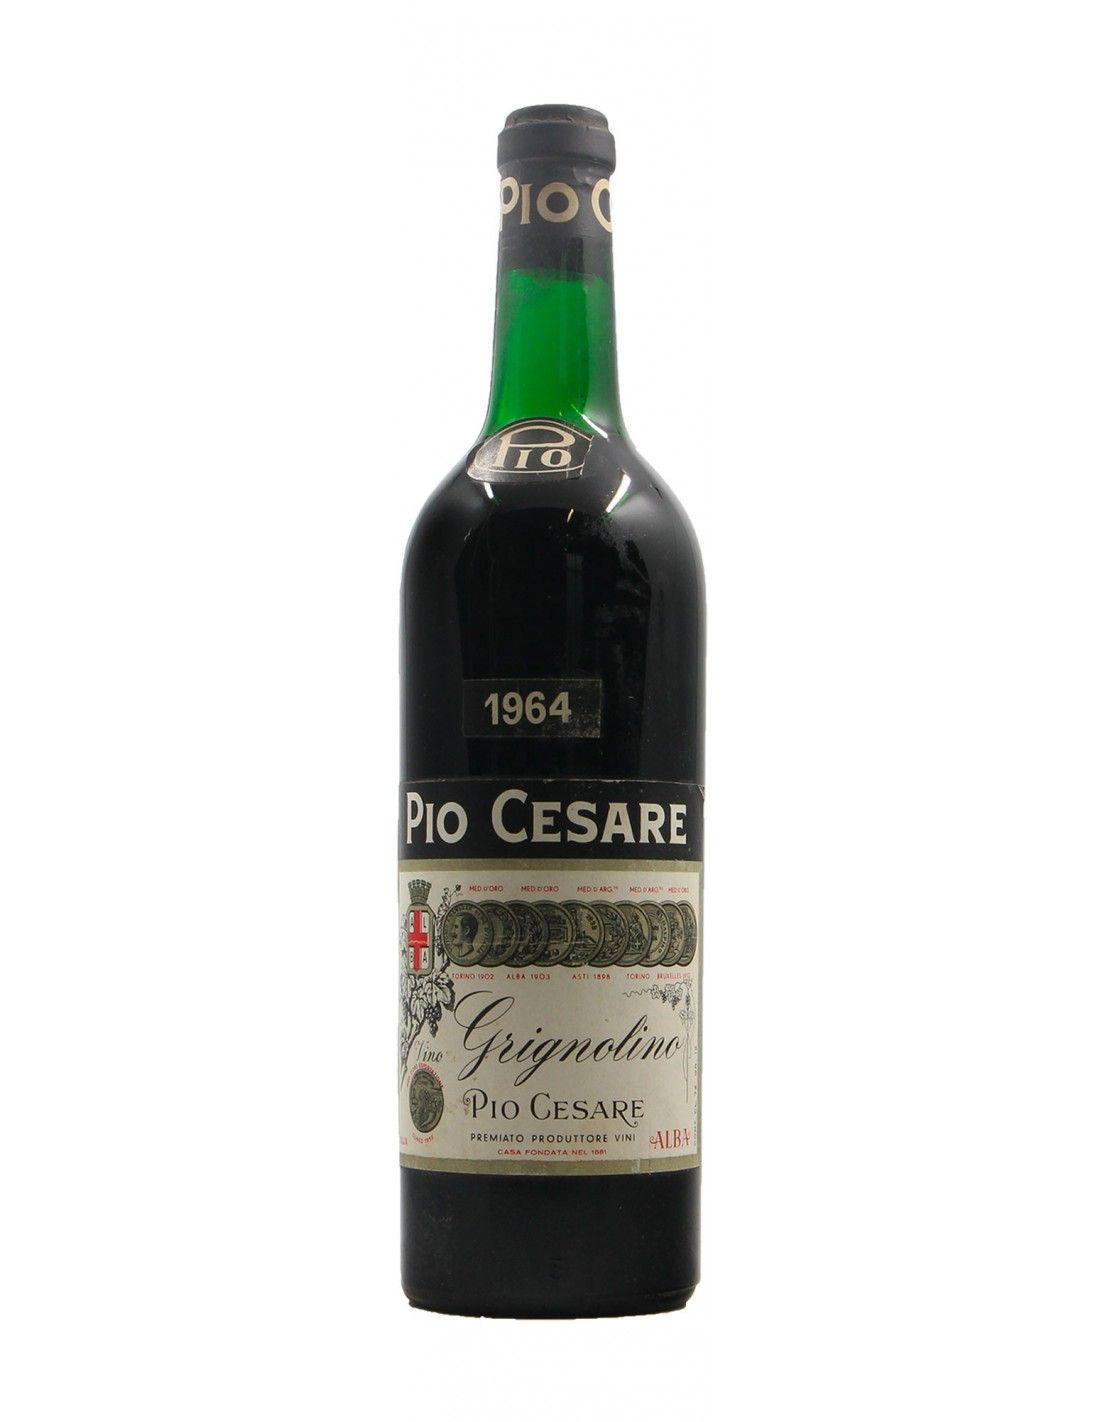 Grignolino 1964 PIO CESARE GRANDI BOTTIGLIE